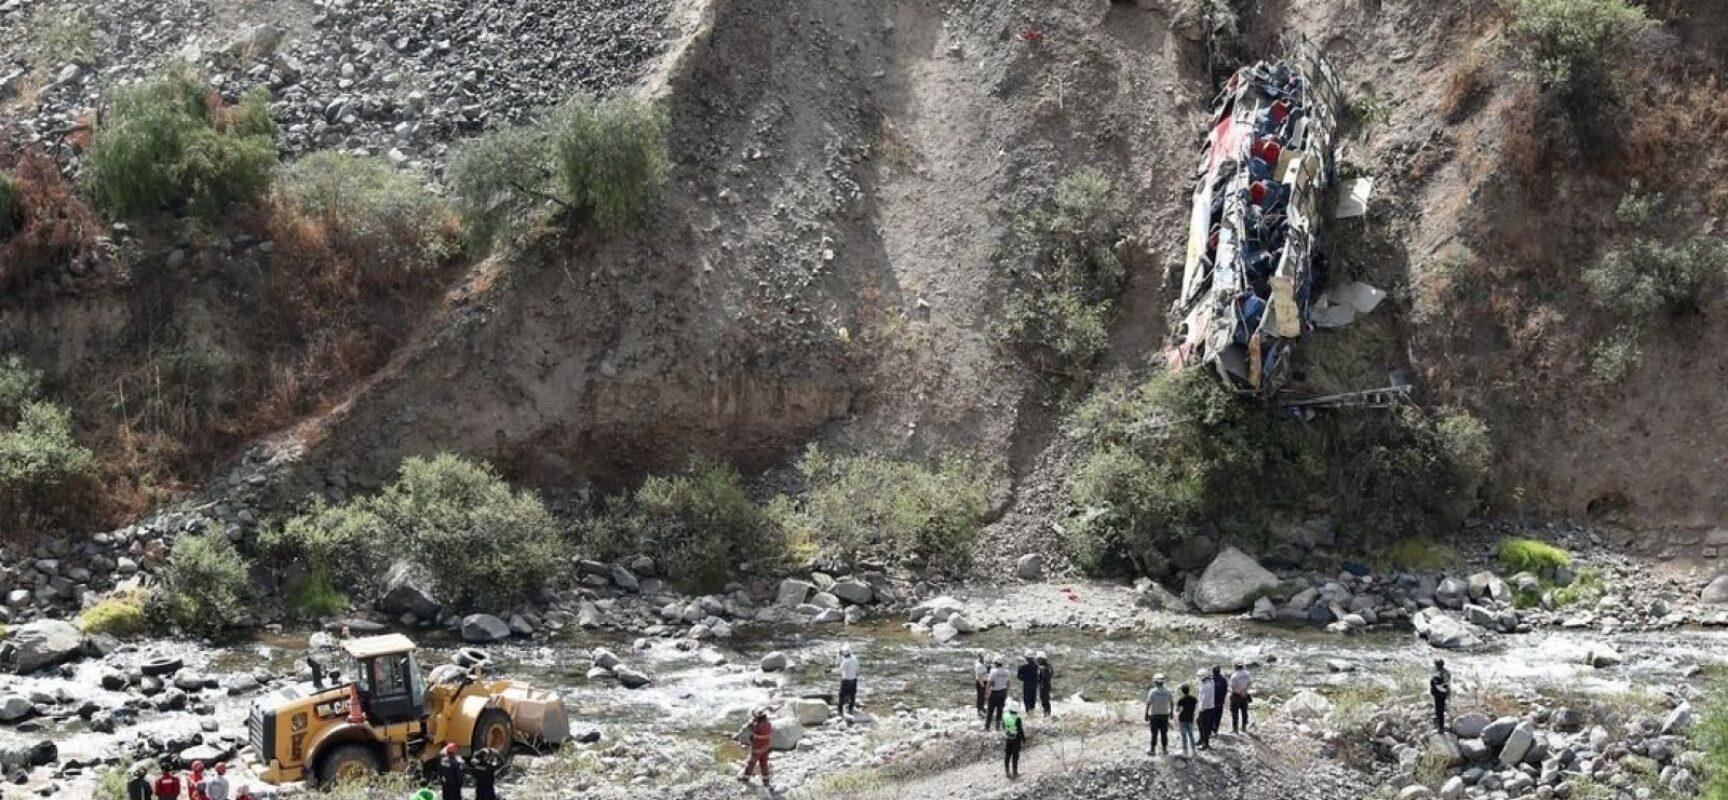 Ônibus cai em despenhadeiro no Peru e provoca a morte de pelo menos 33 pessoas